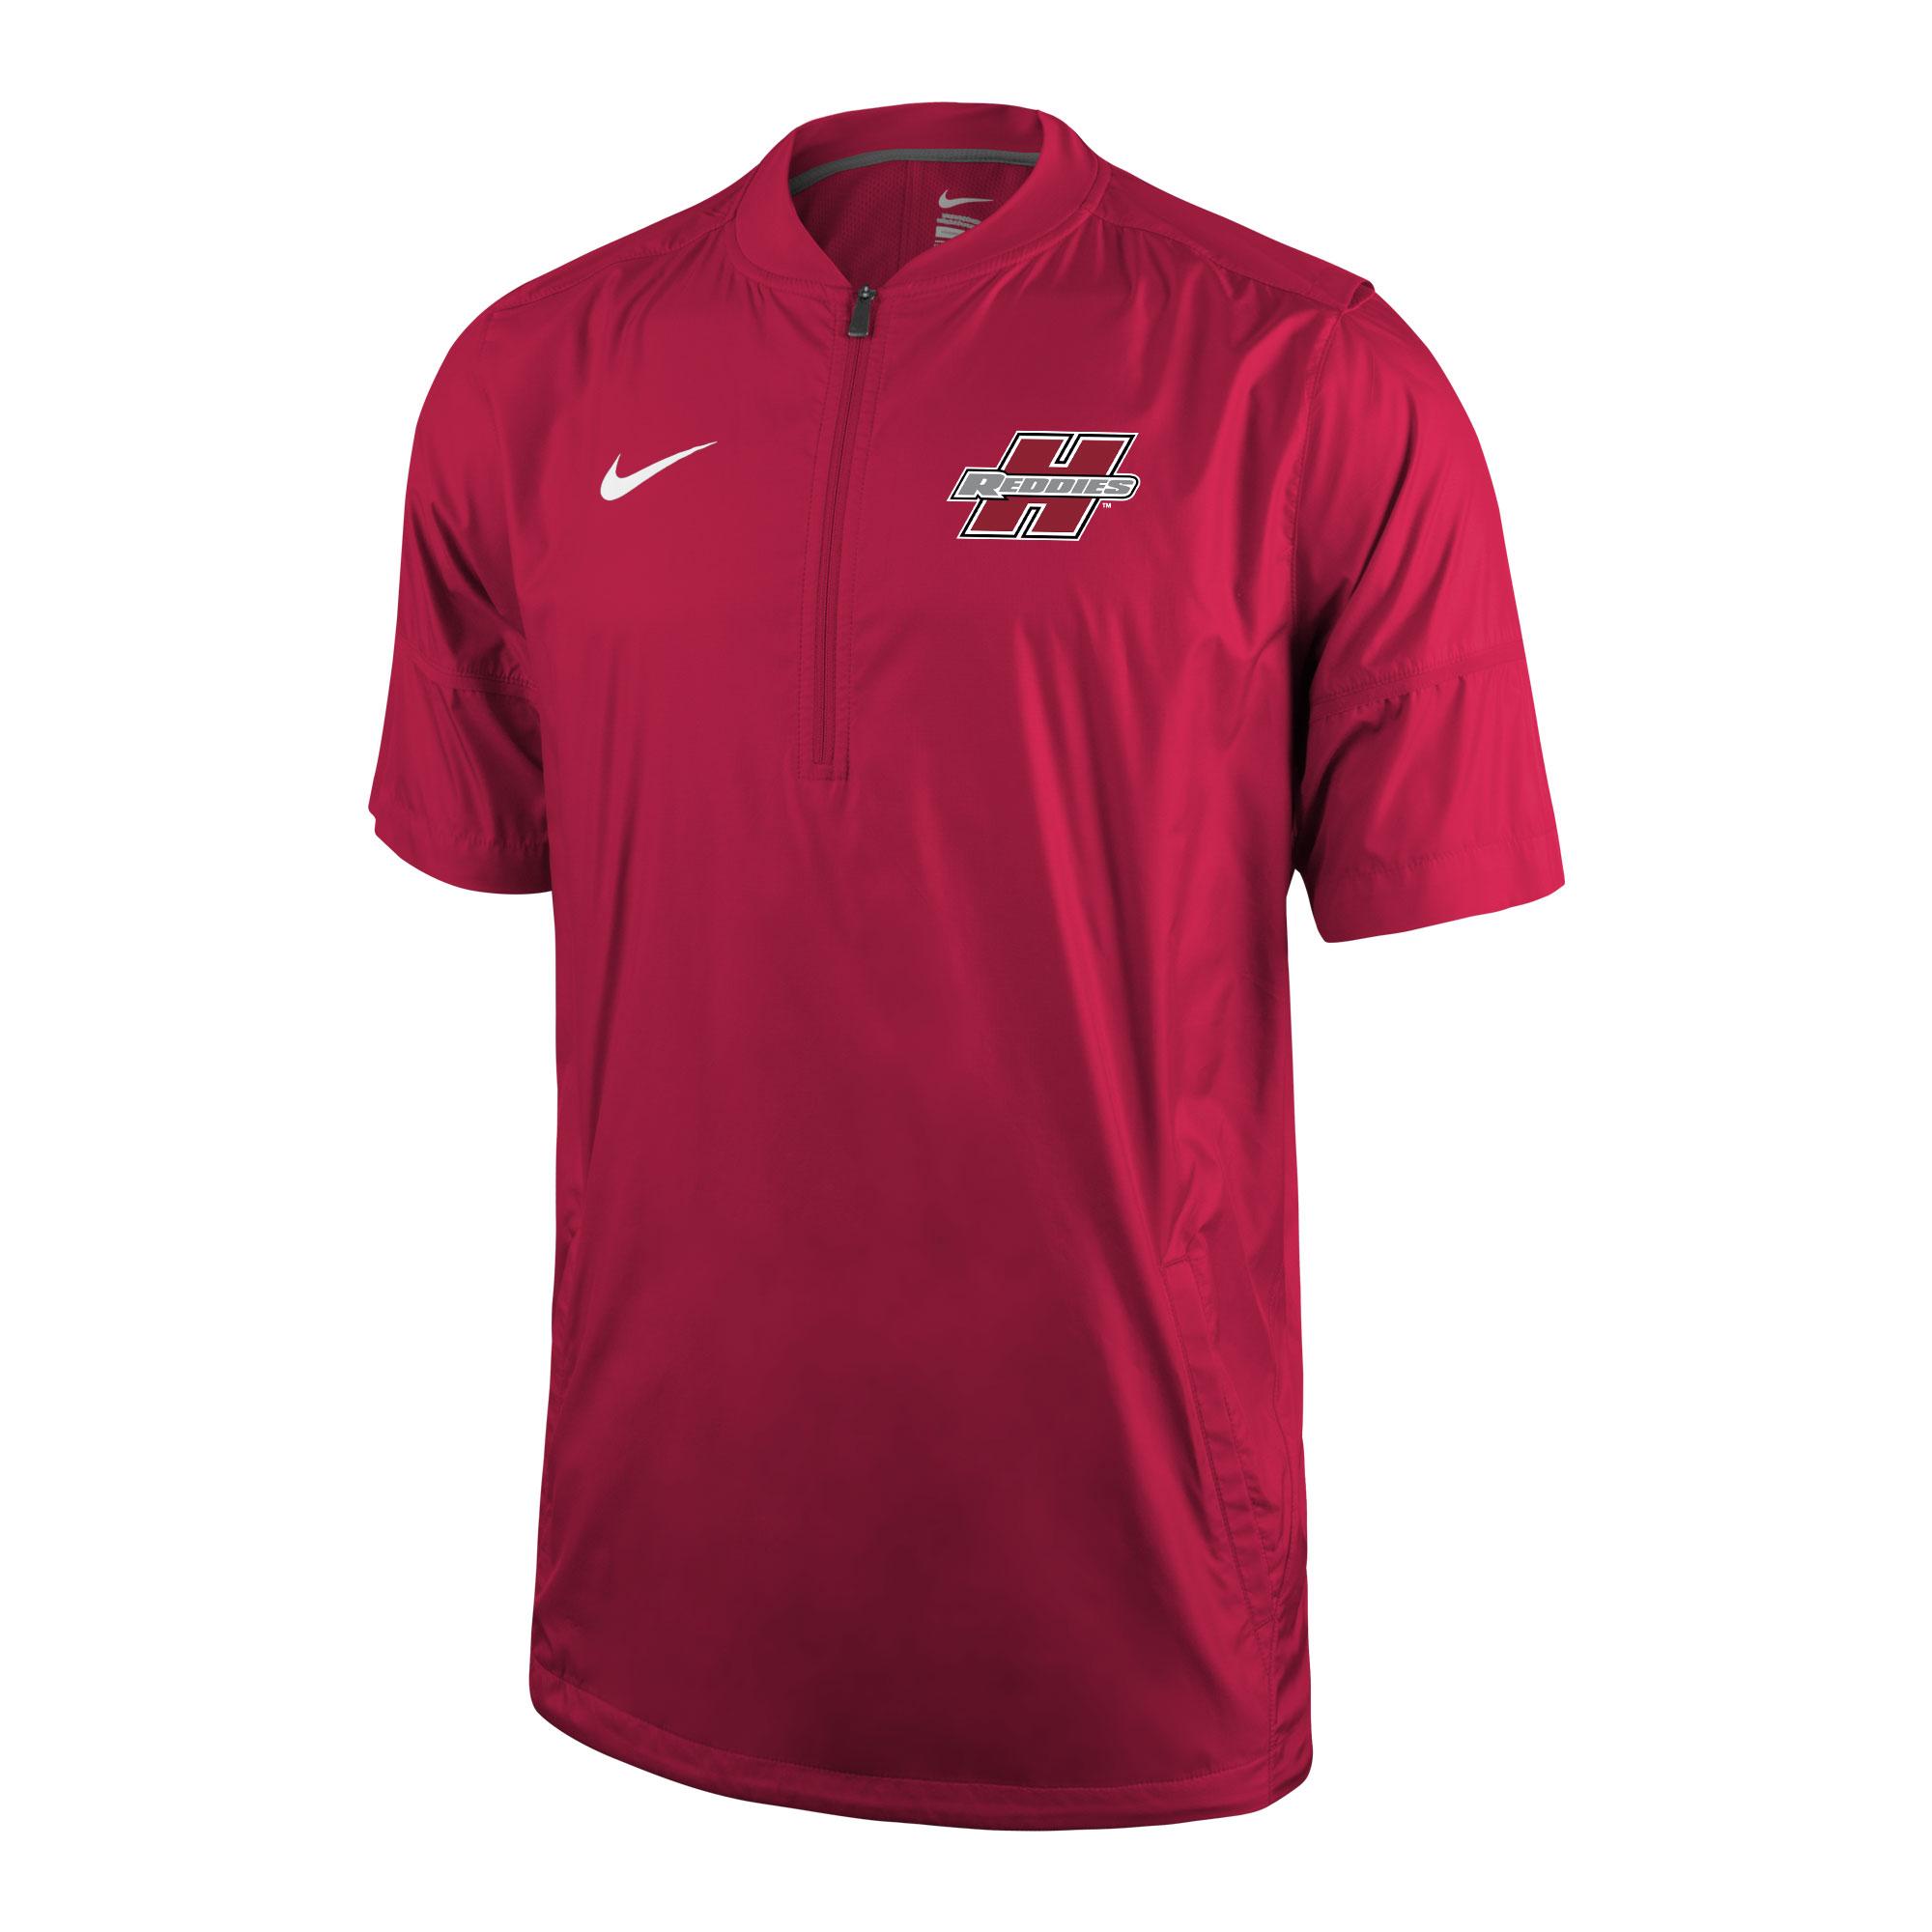 Nike Hot Jacket